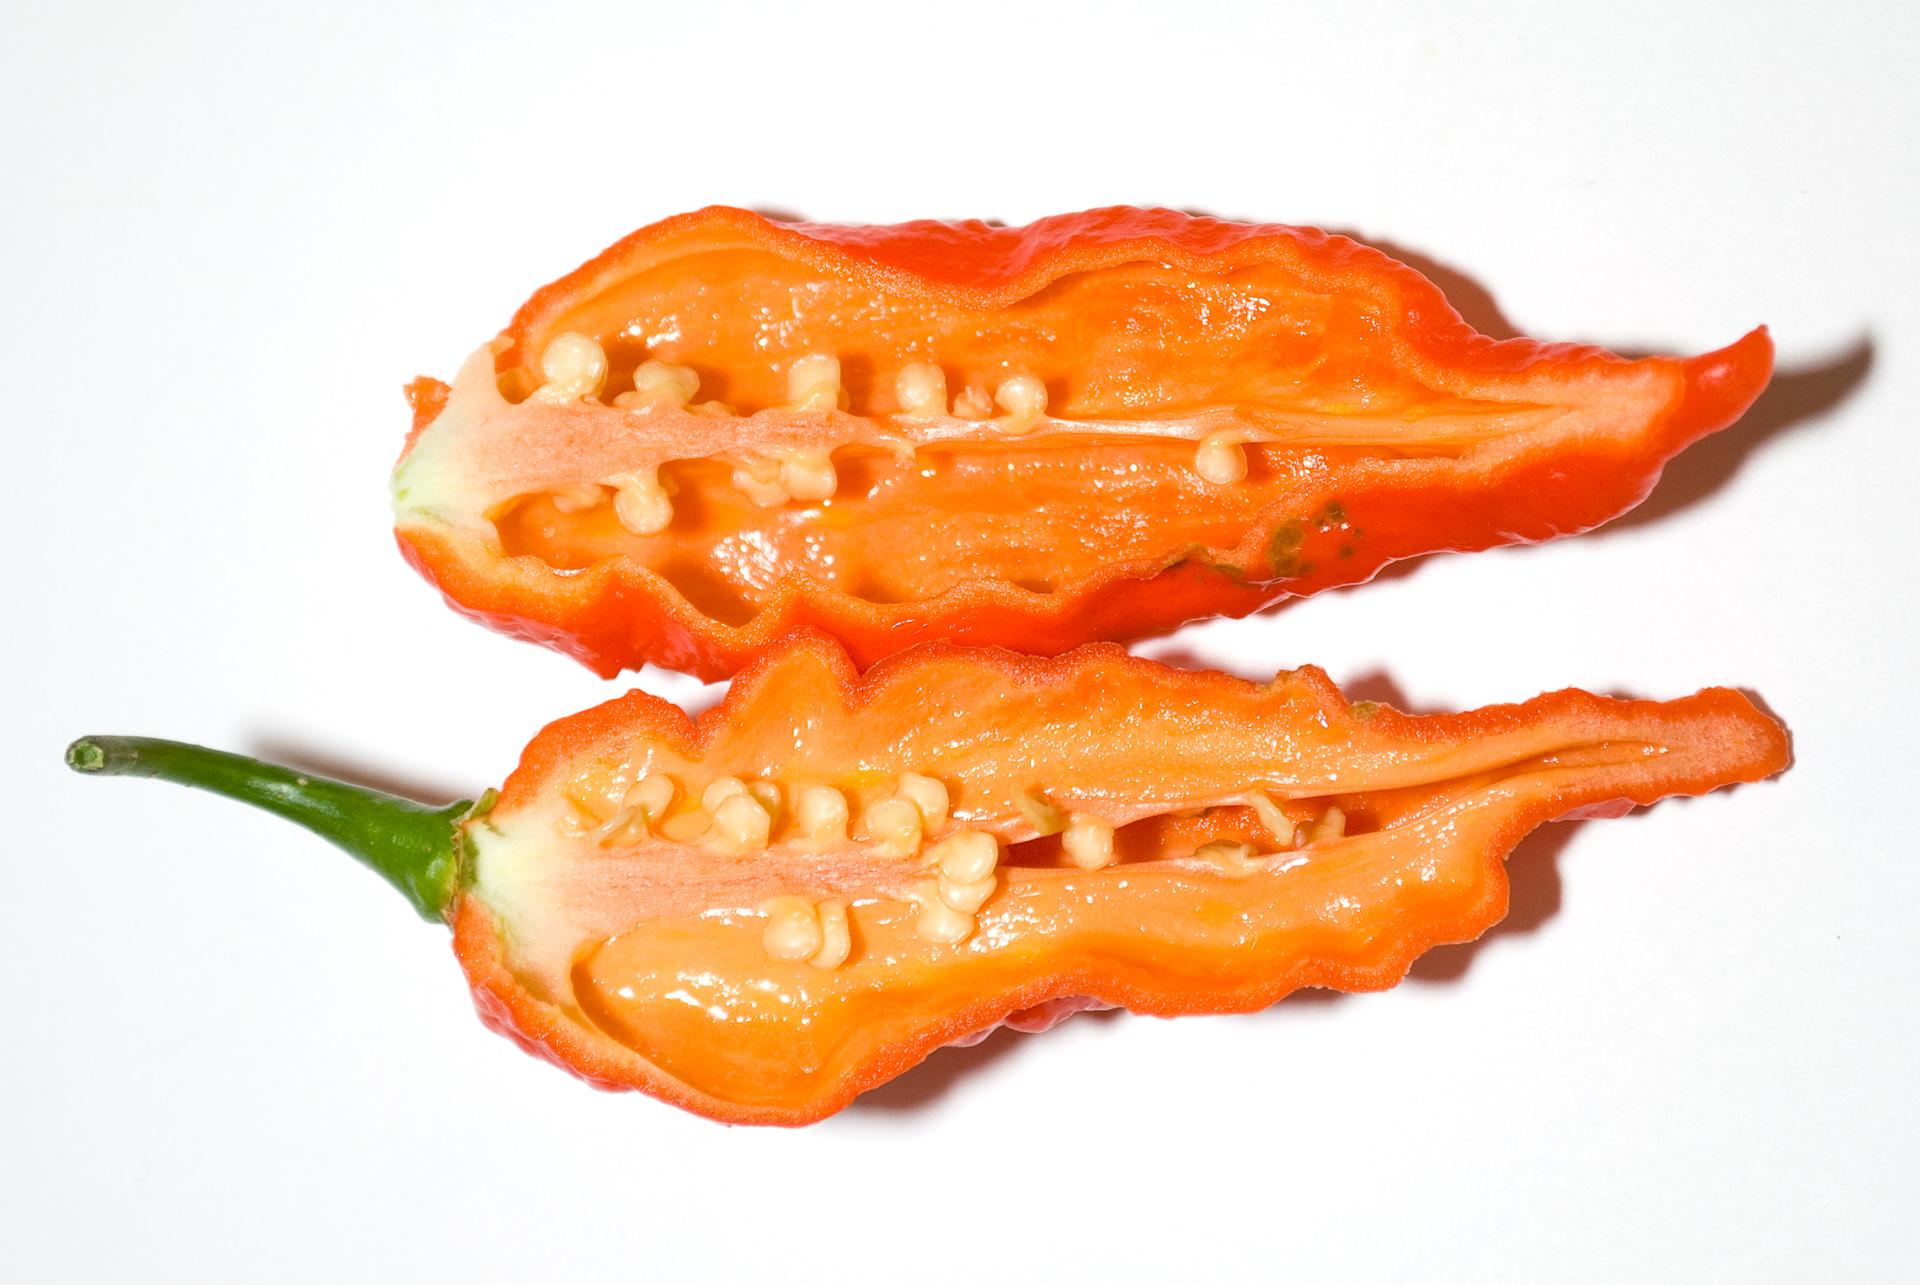 PI 205178 - Capsicum annuum - Chilisorte